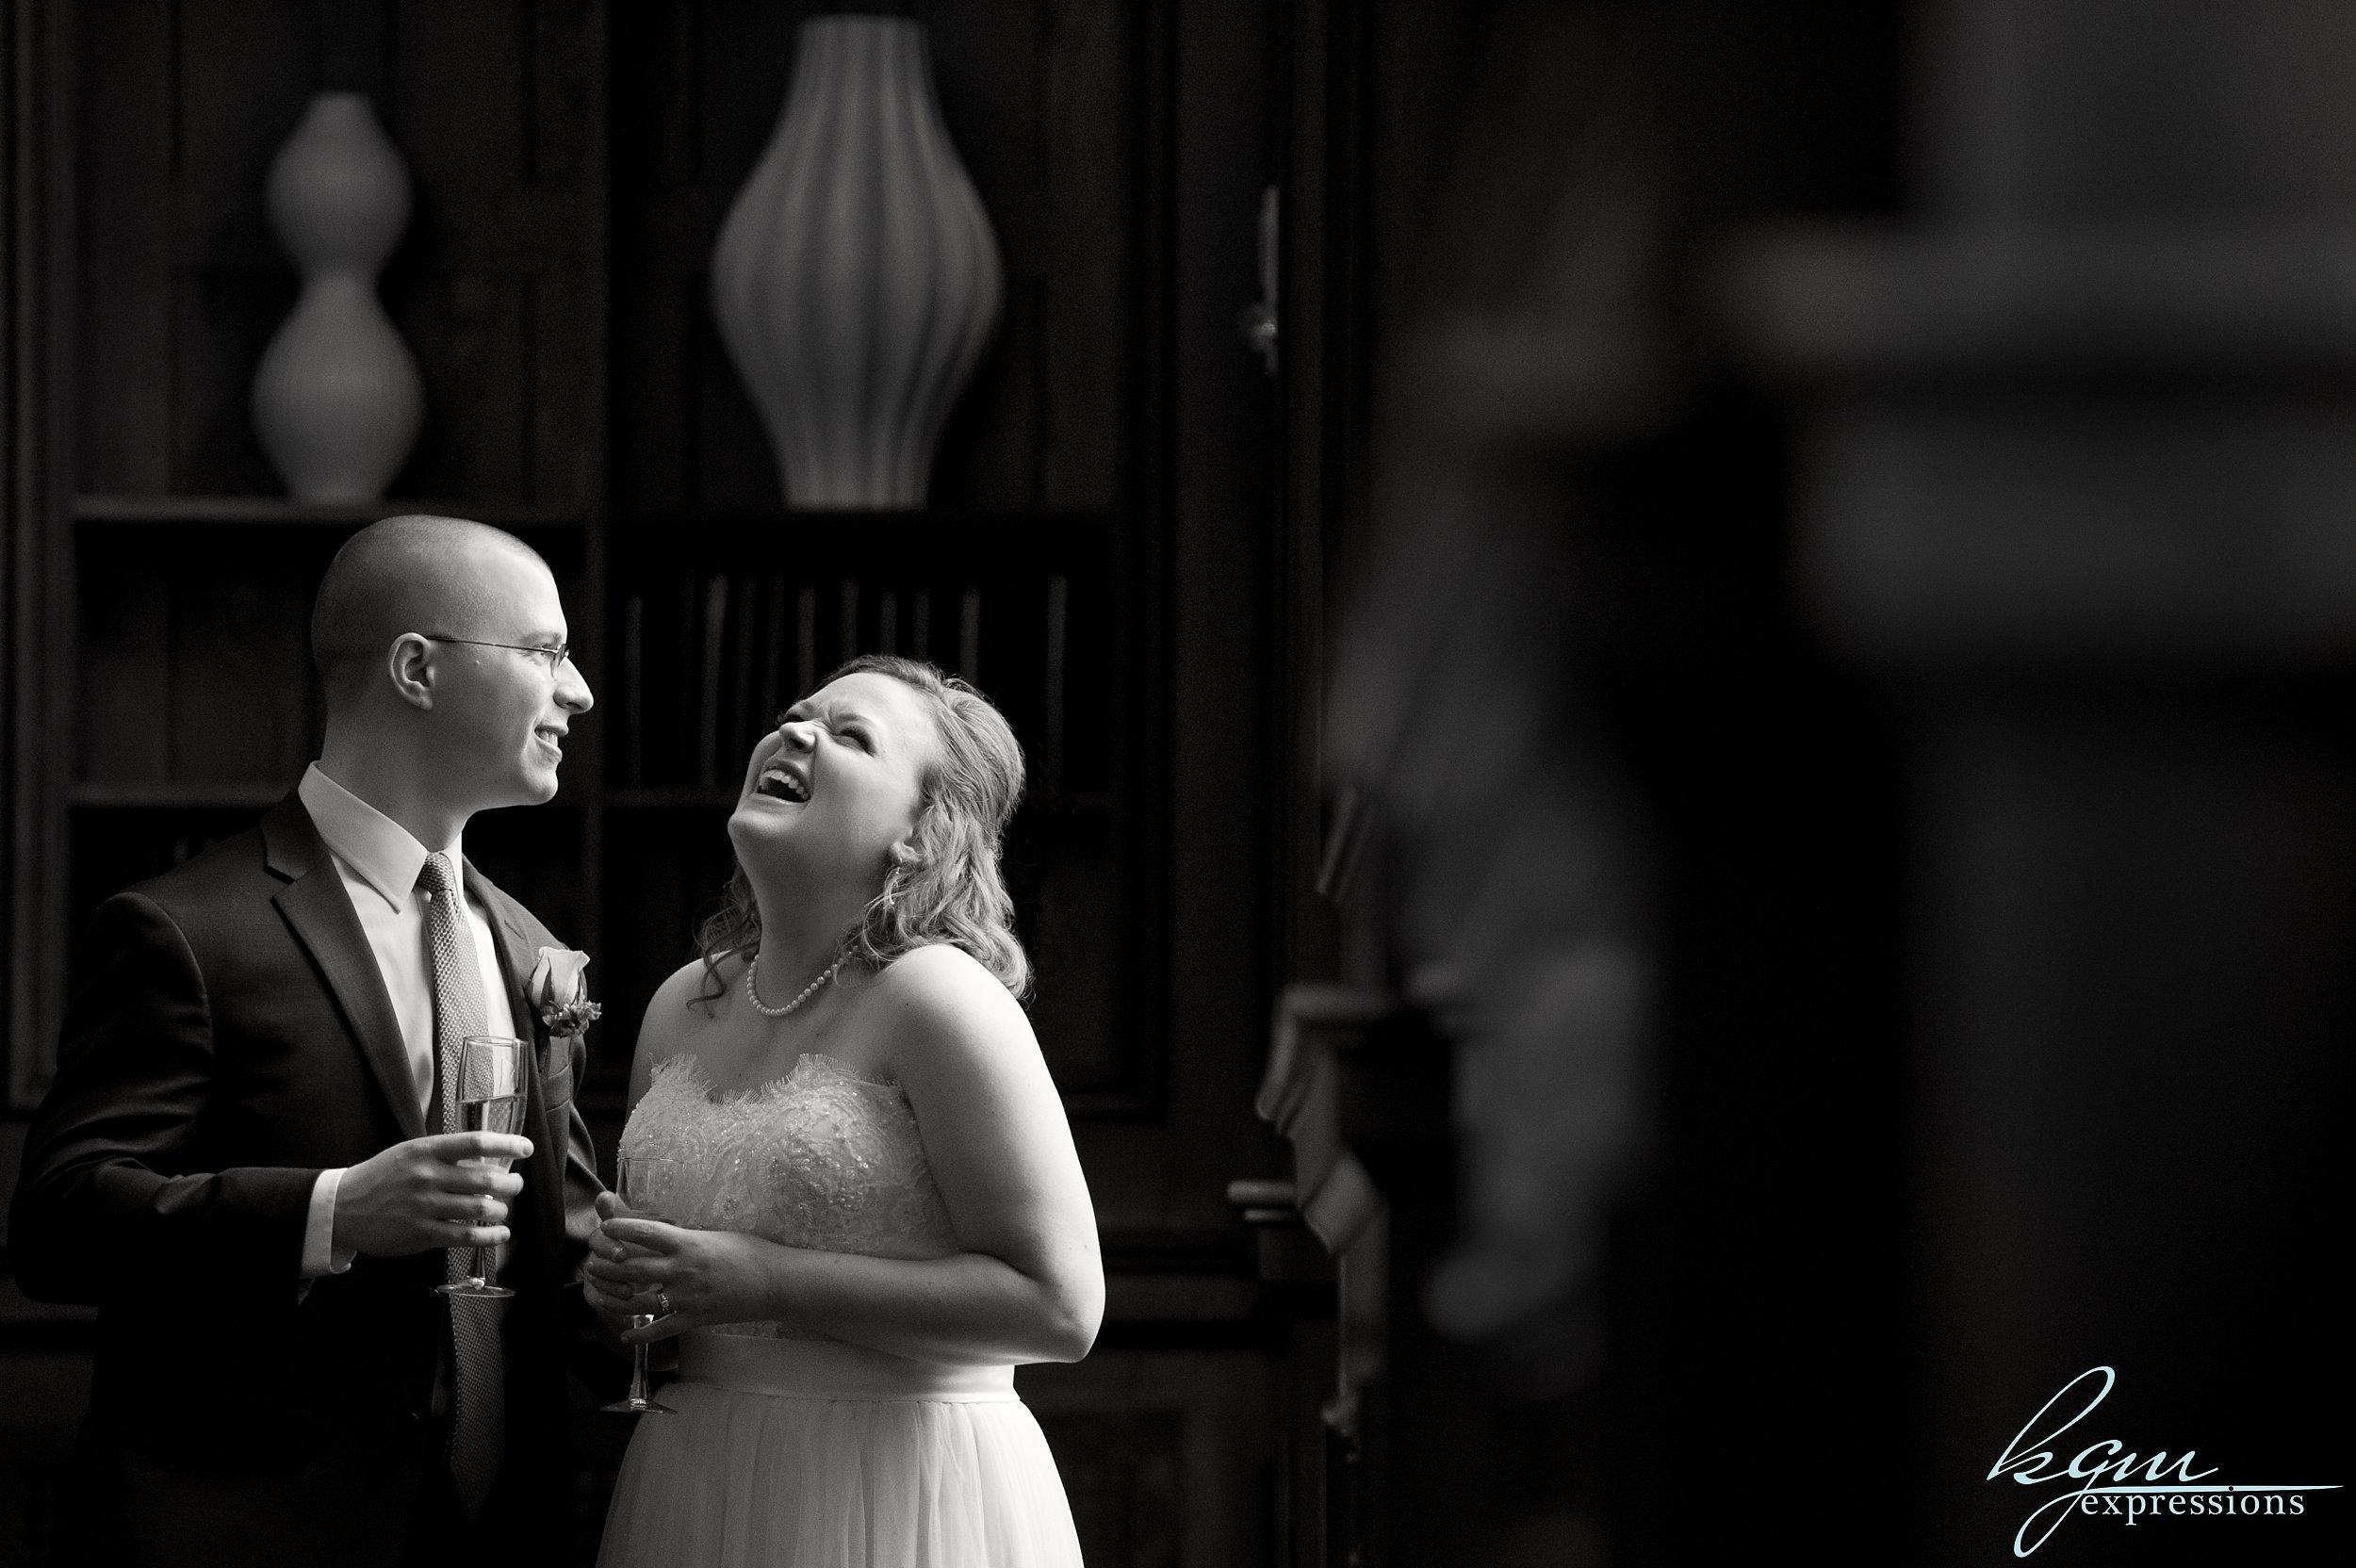 01_tir_na_nog_wedding.jpg